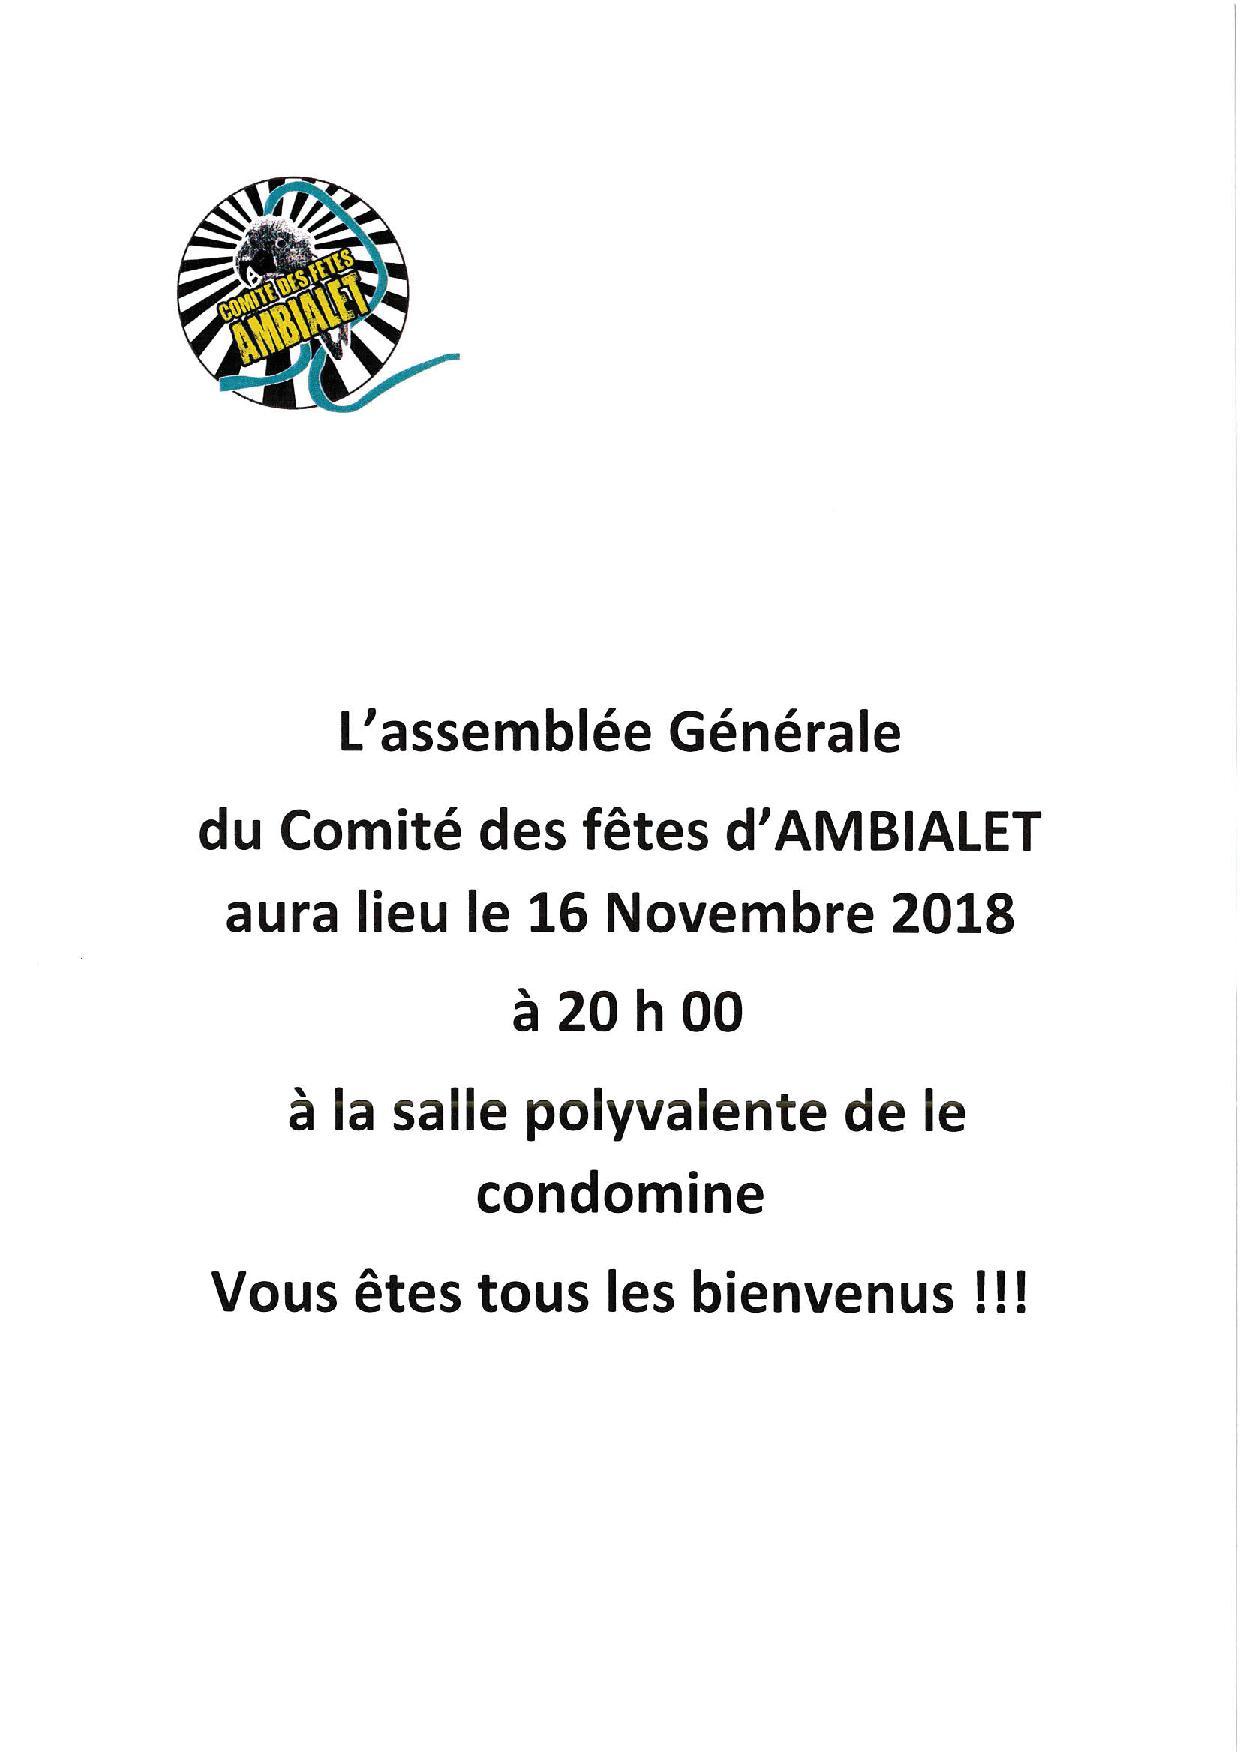 Assemblée générale du comité des fêtes d'Ambialet